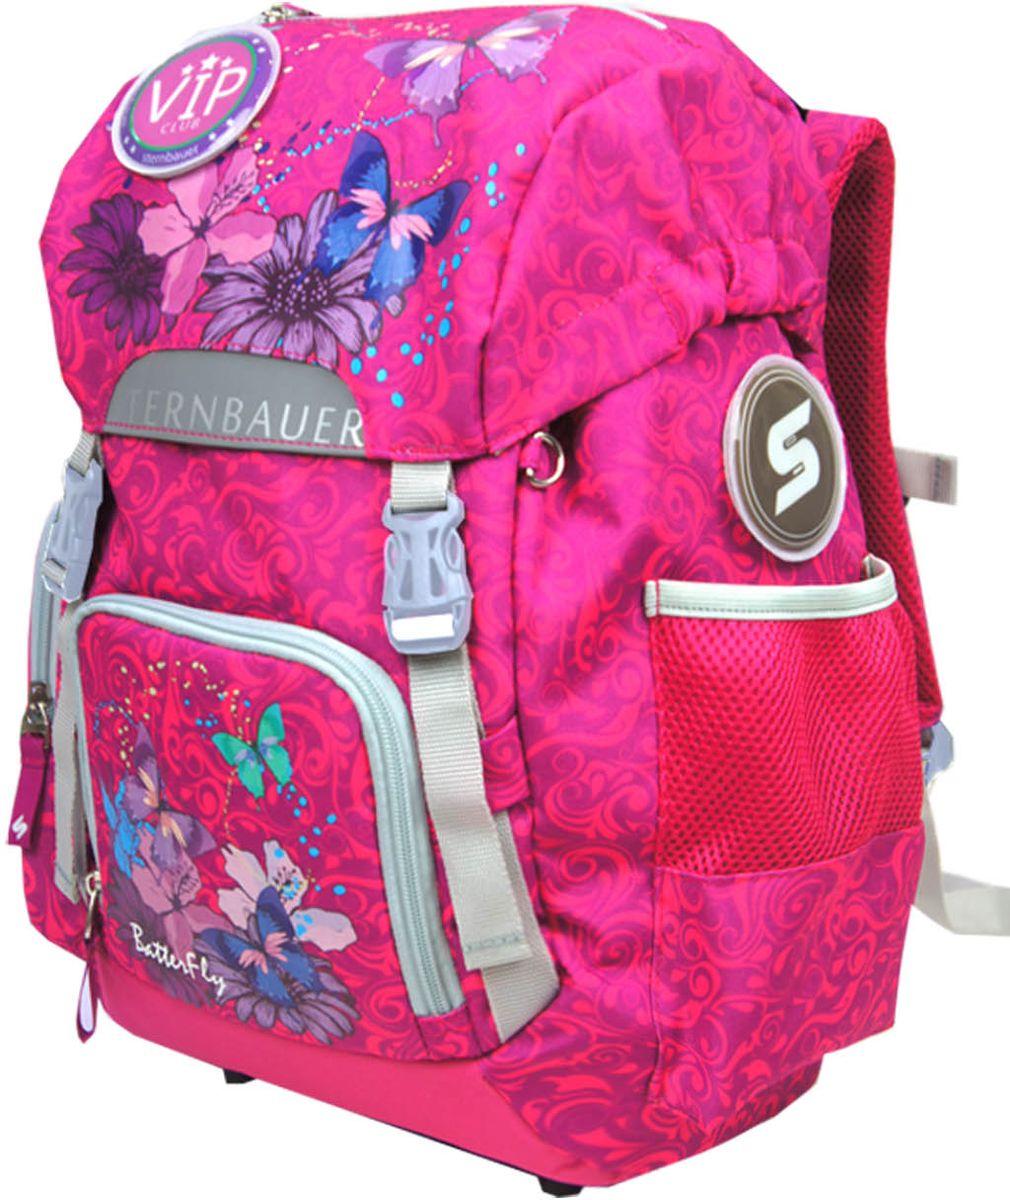 Sternbauer Рюкзак школьный SB цвет розовый 56045604Новая серия рюкзаков с кулиской Компактный размер - вместительный объем Вес всего 800 грамм Ортопедическая спинка с анатомическими вставками Нагрудный фиксатор Дополнительный внутренний объем за счет кулиски Плотное дно